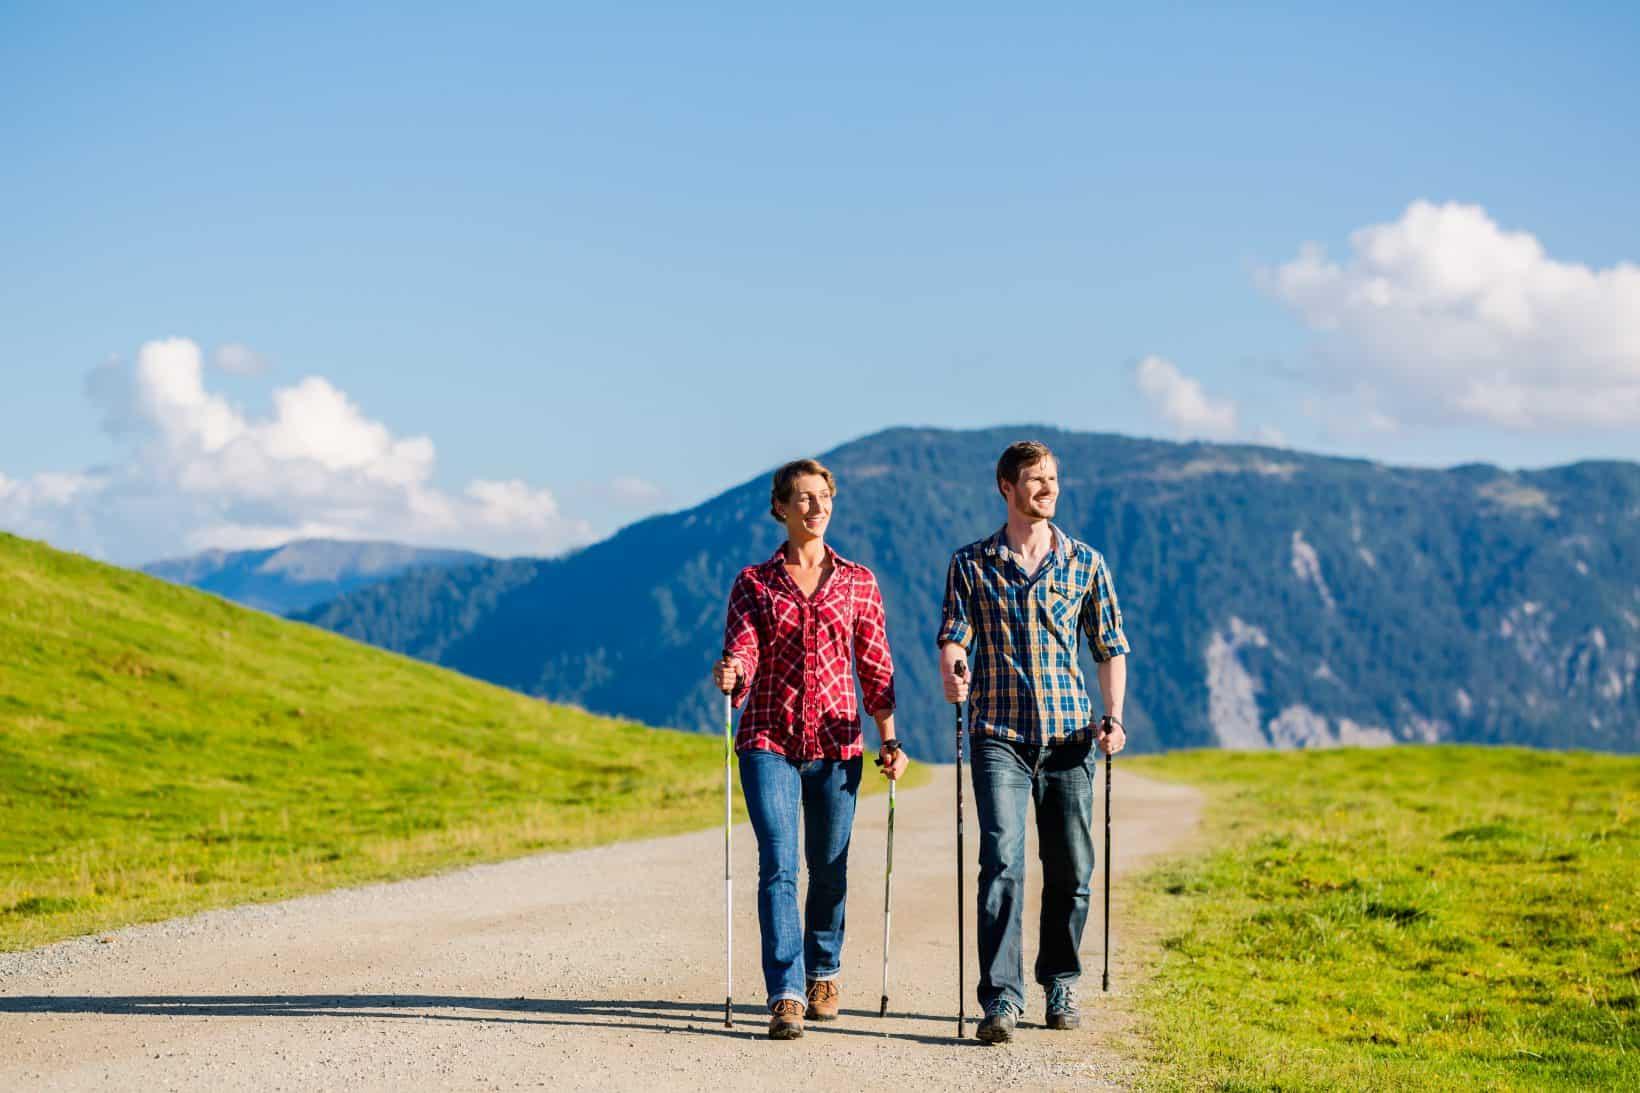 Ein Paar bei einer Wanderung in den Bergen